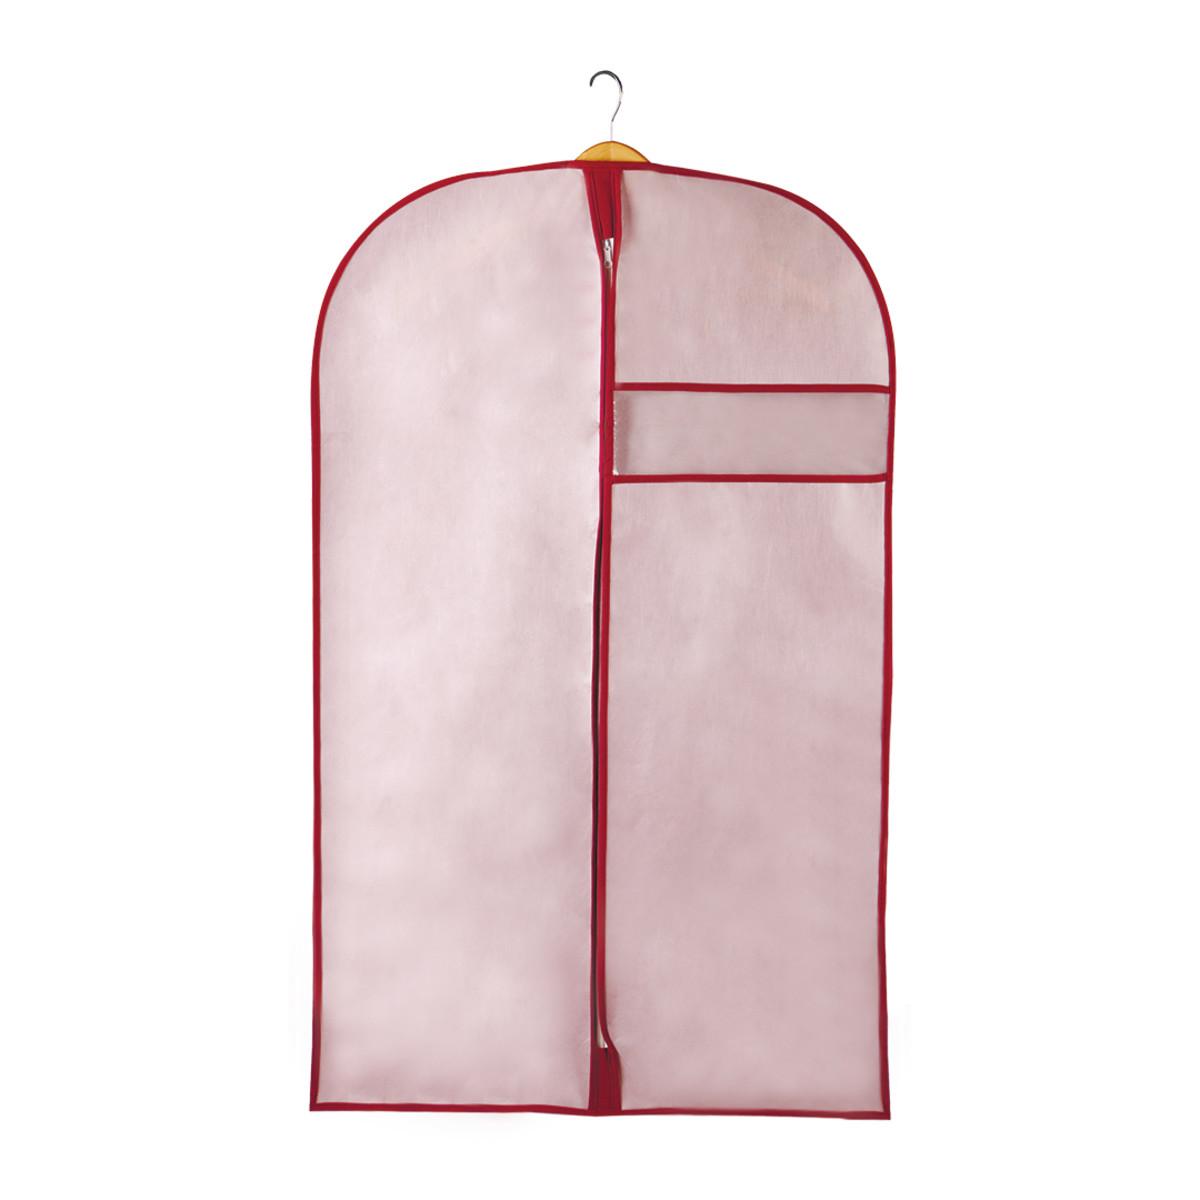 Чехол для одежды Handy Home Хризантема UC-79-1 60х130 см